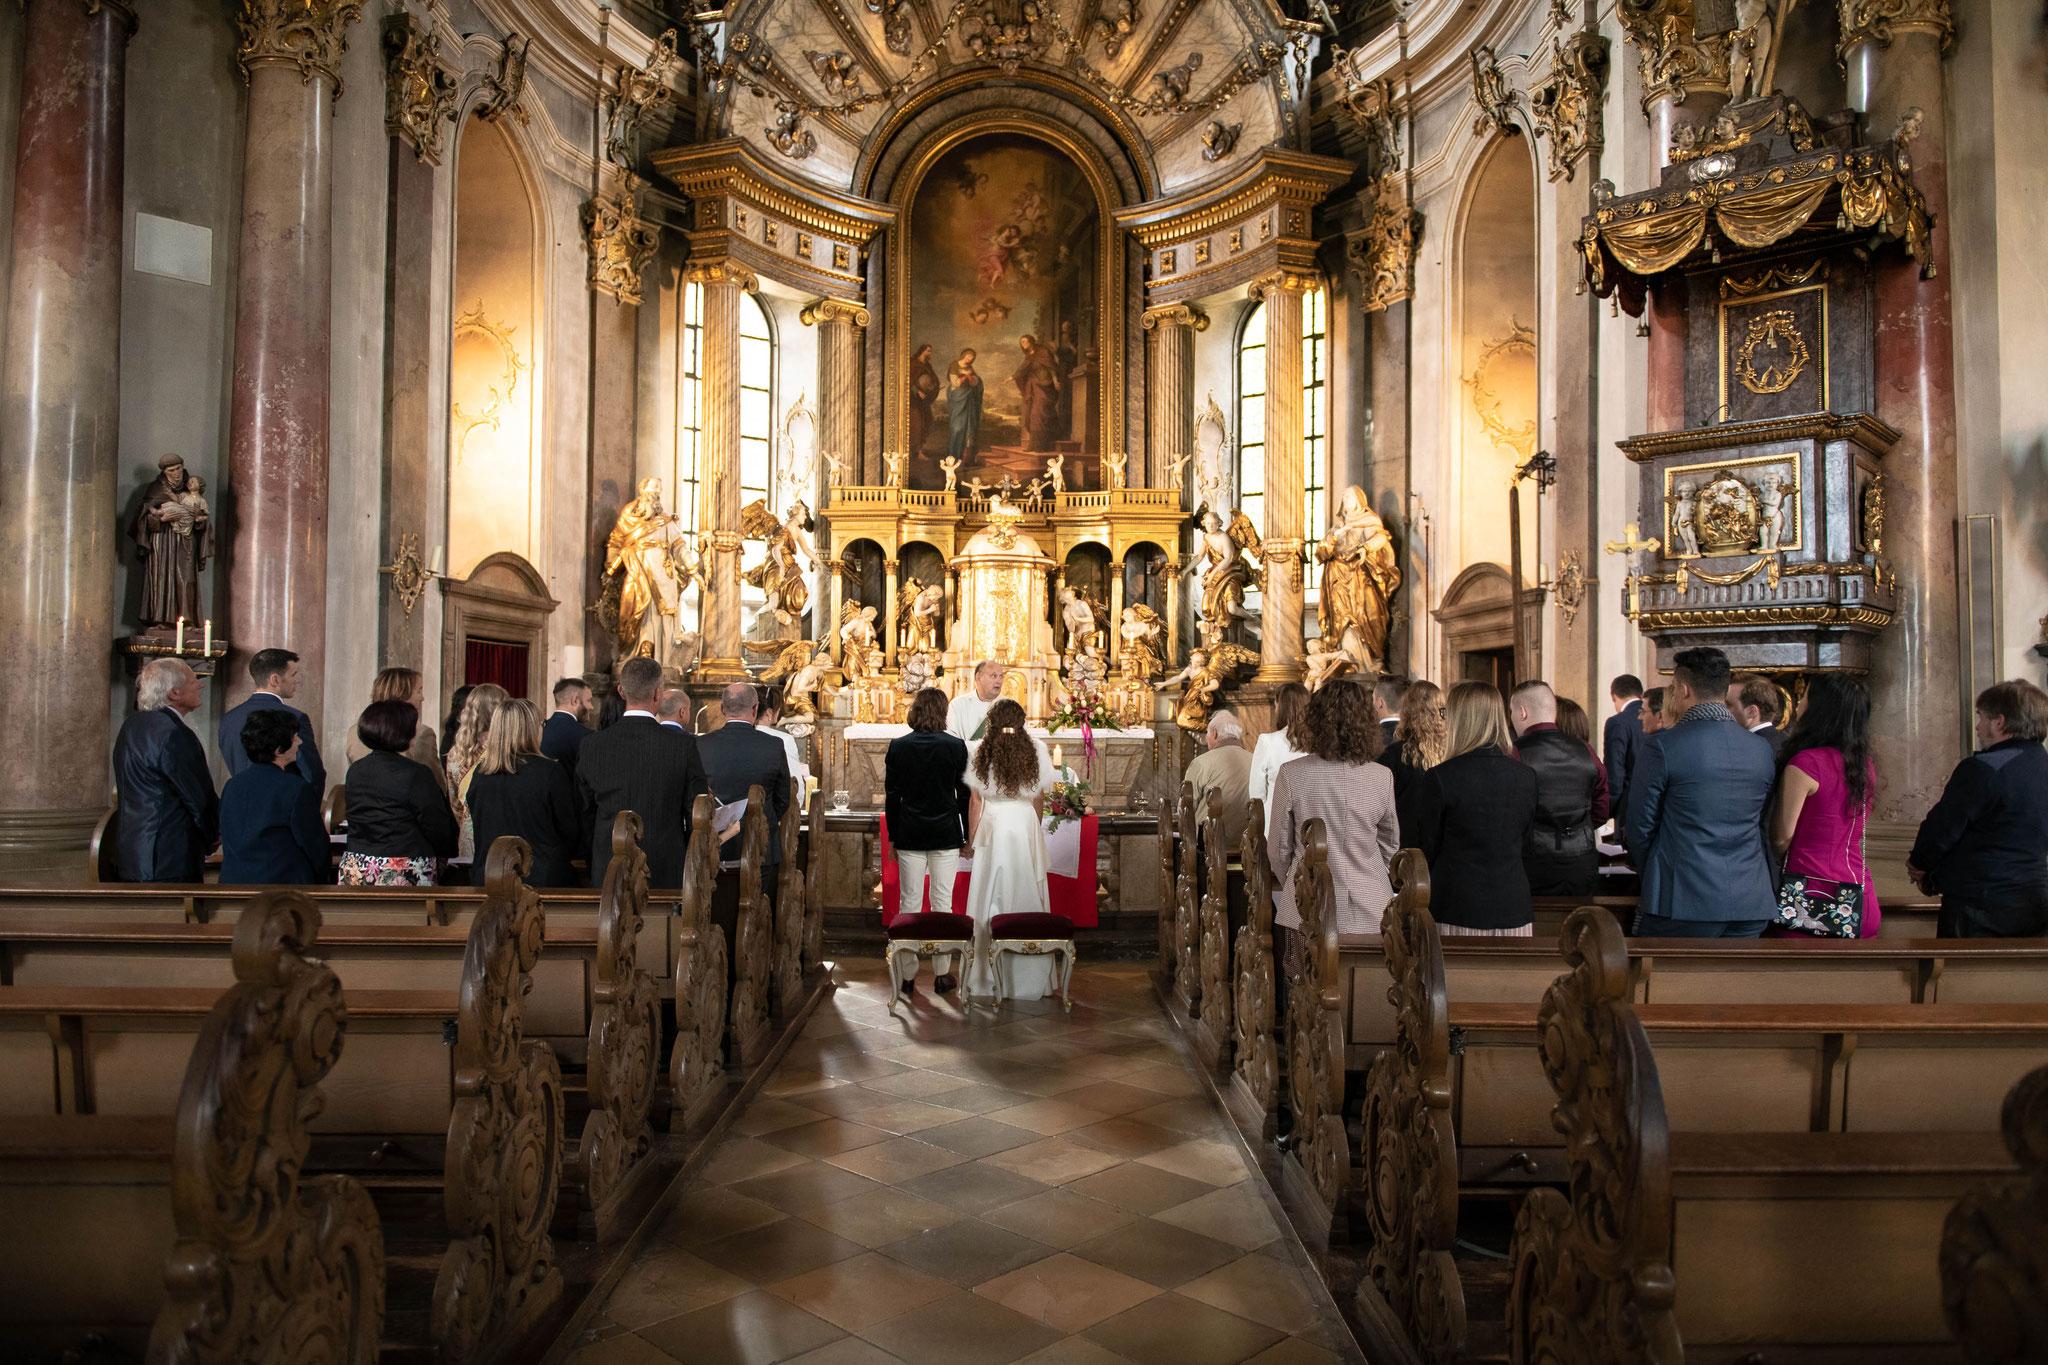 Hochzeitsfotograf für professionelle Fotos bei der Trauung in der Kirche